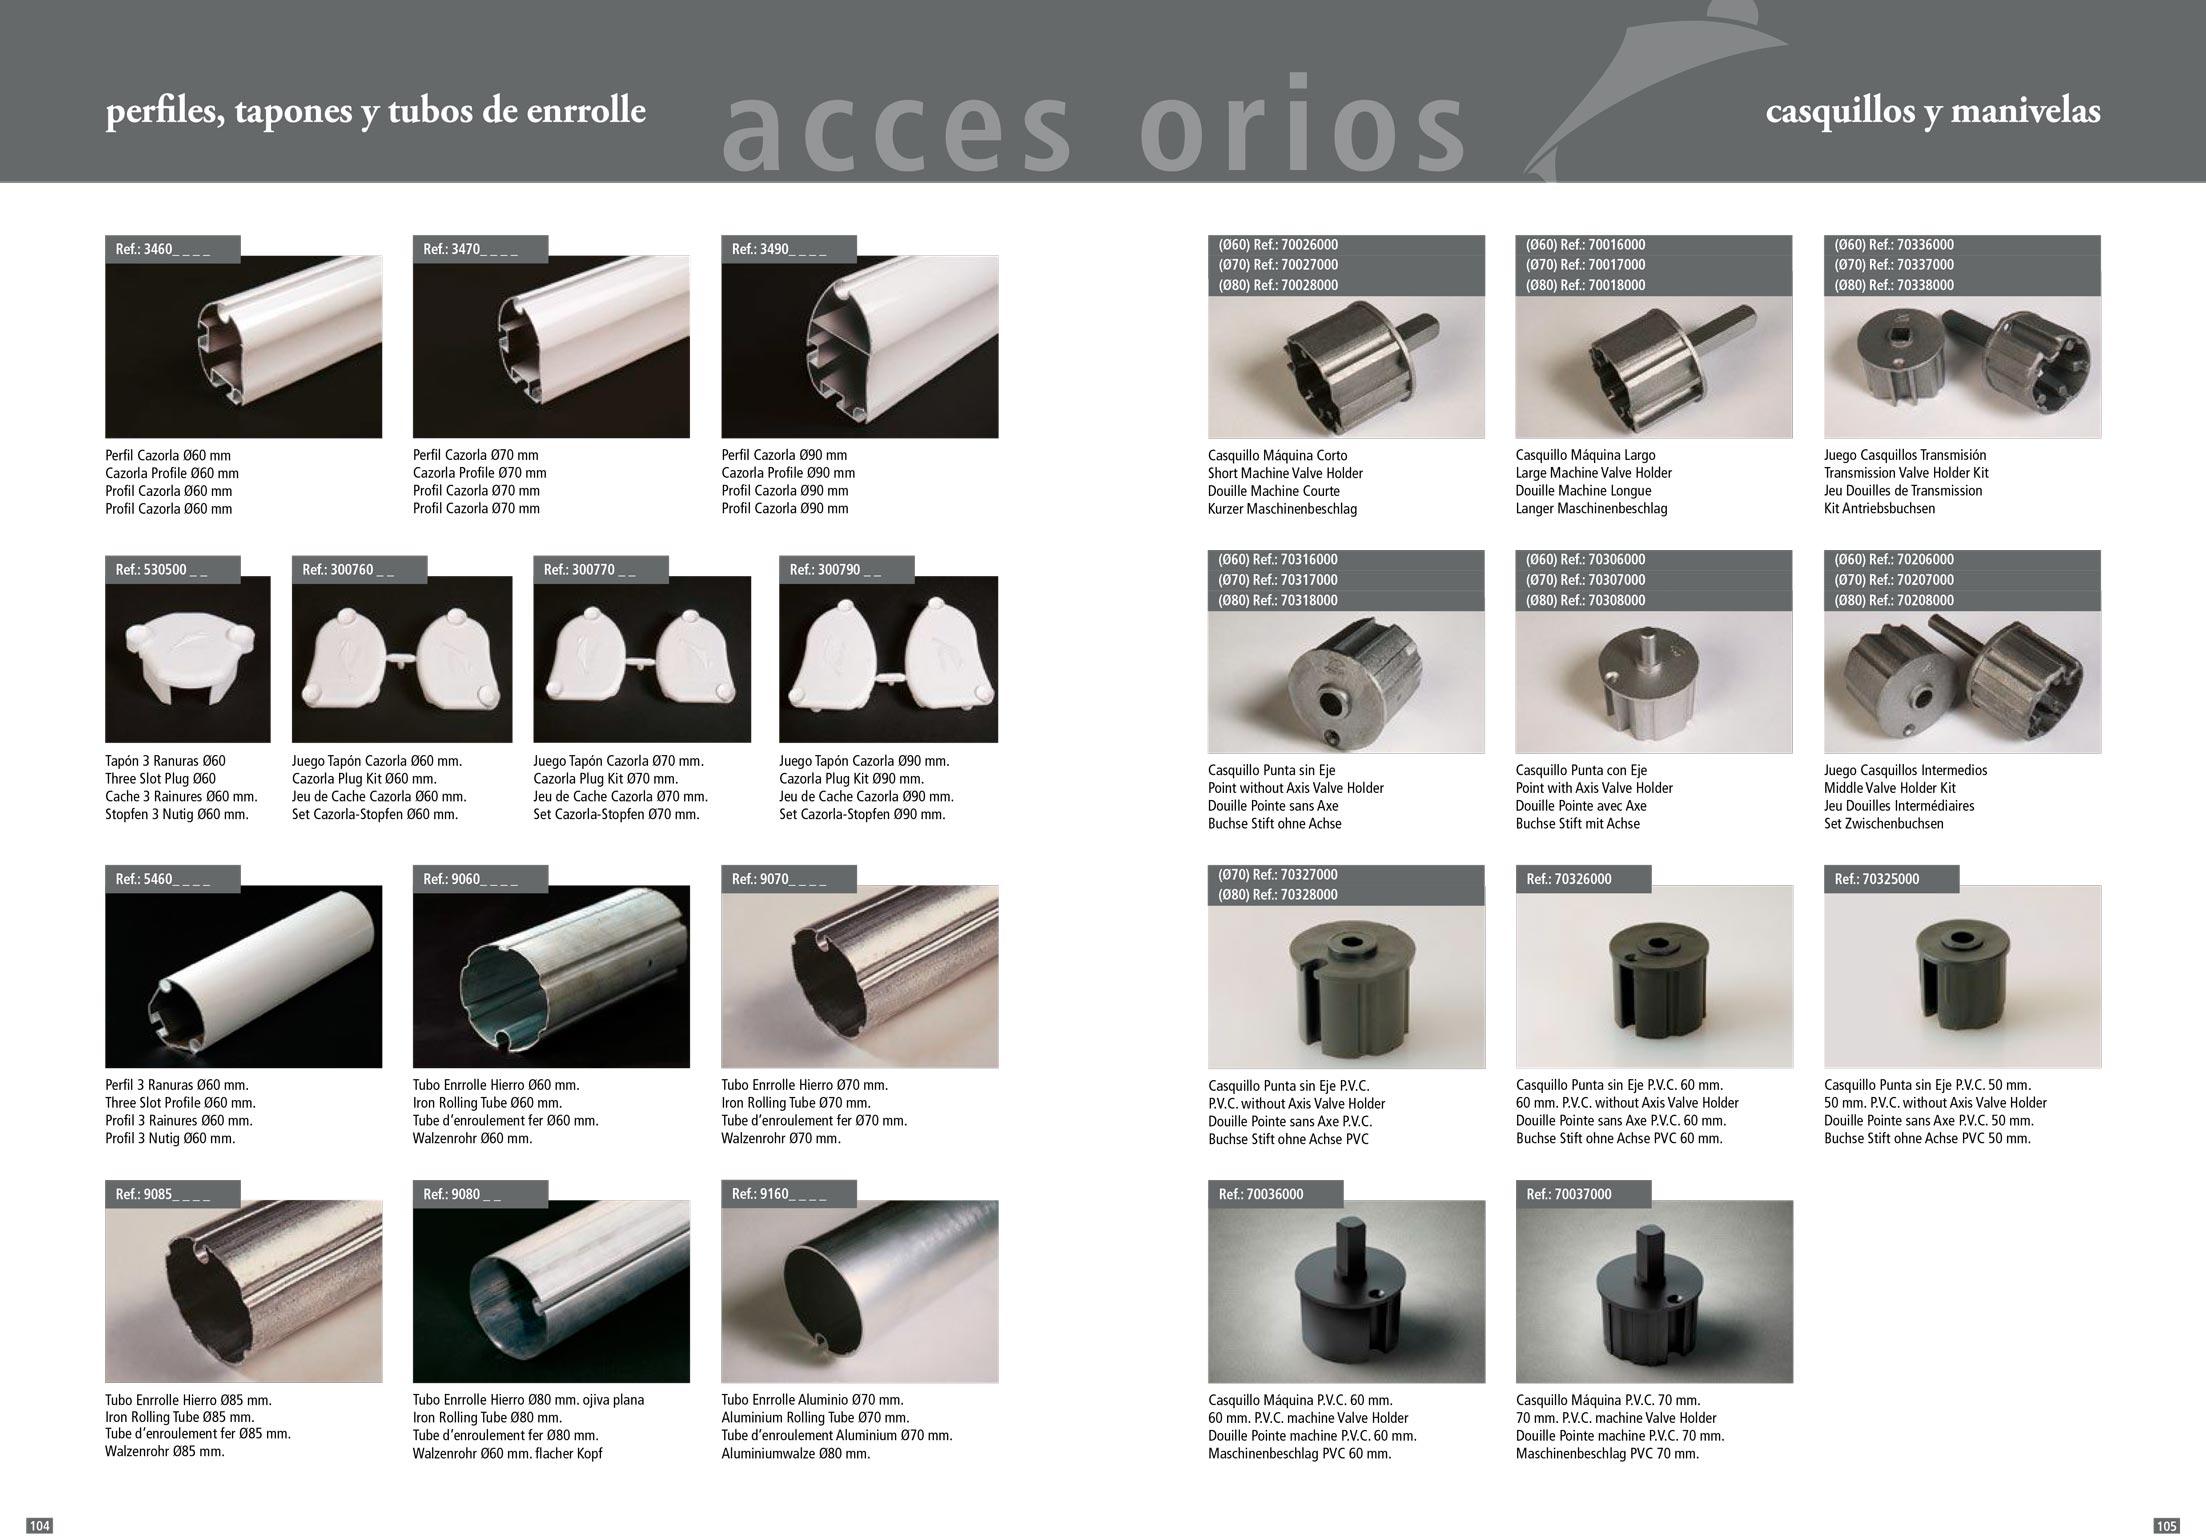 accesorios para toldos y verticales stadia store